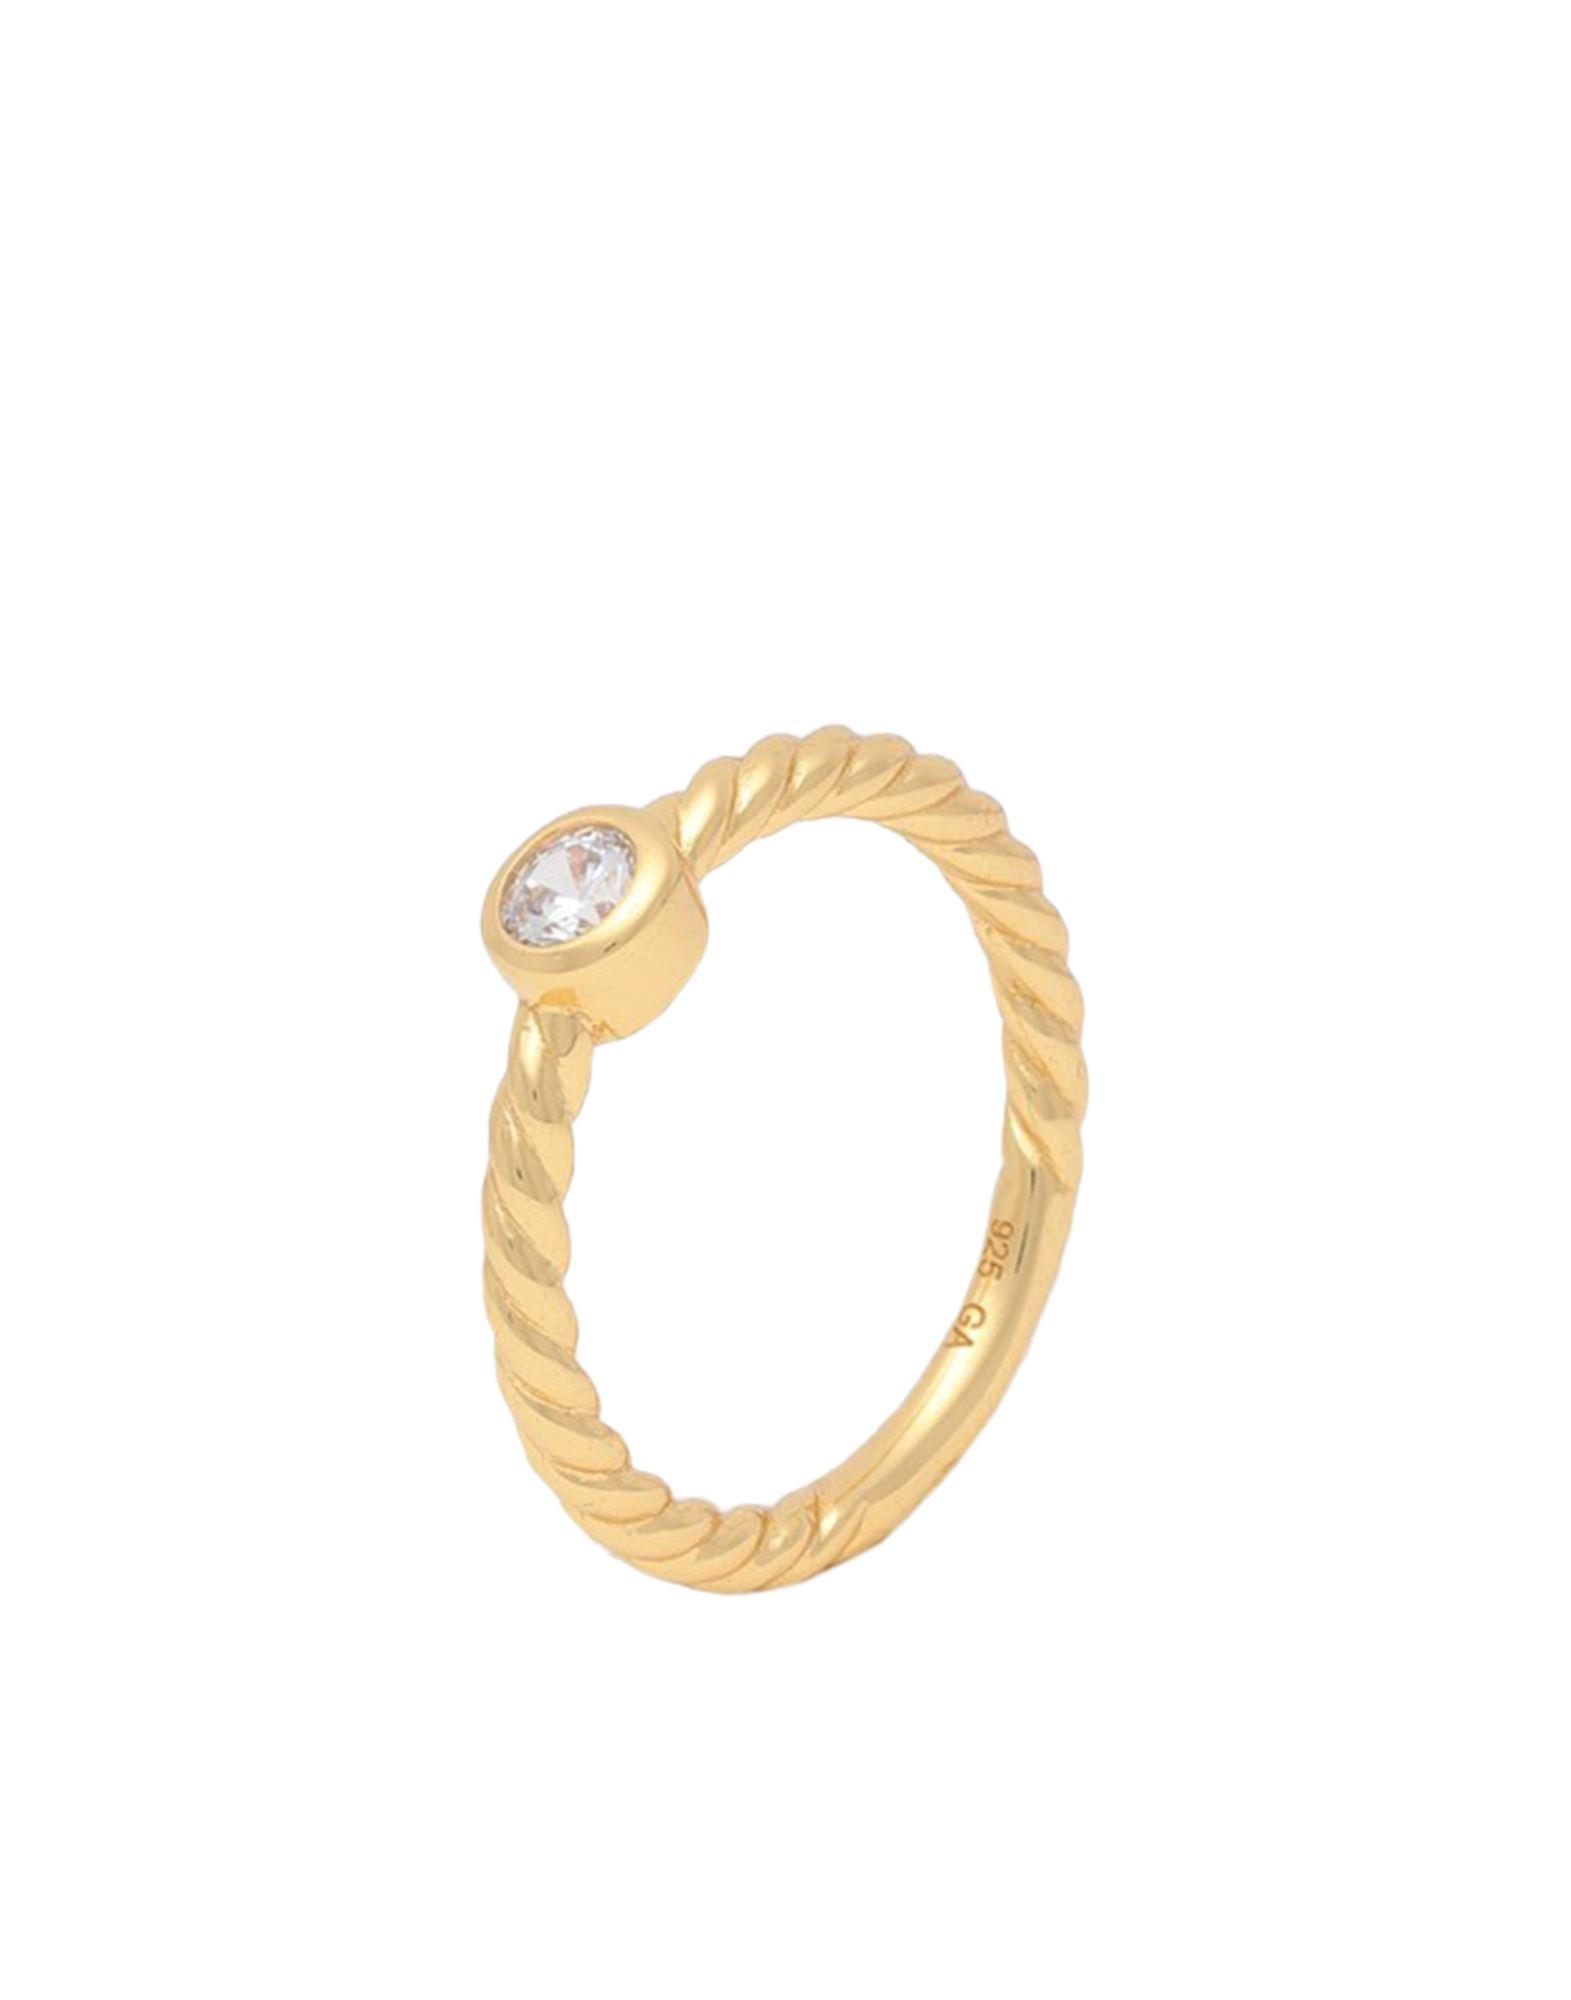 《セール開催中》GALLERIA ARMADORO レディース 指輪 ゴールド 54 シルバー925/1000 / 18金メッキ SPEIRA ROUND WCZ RING